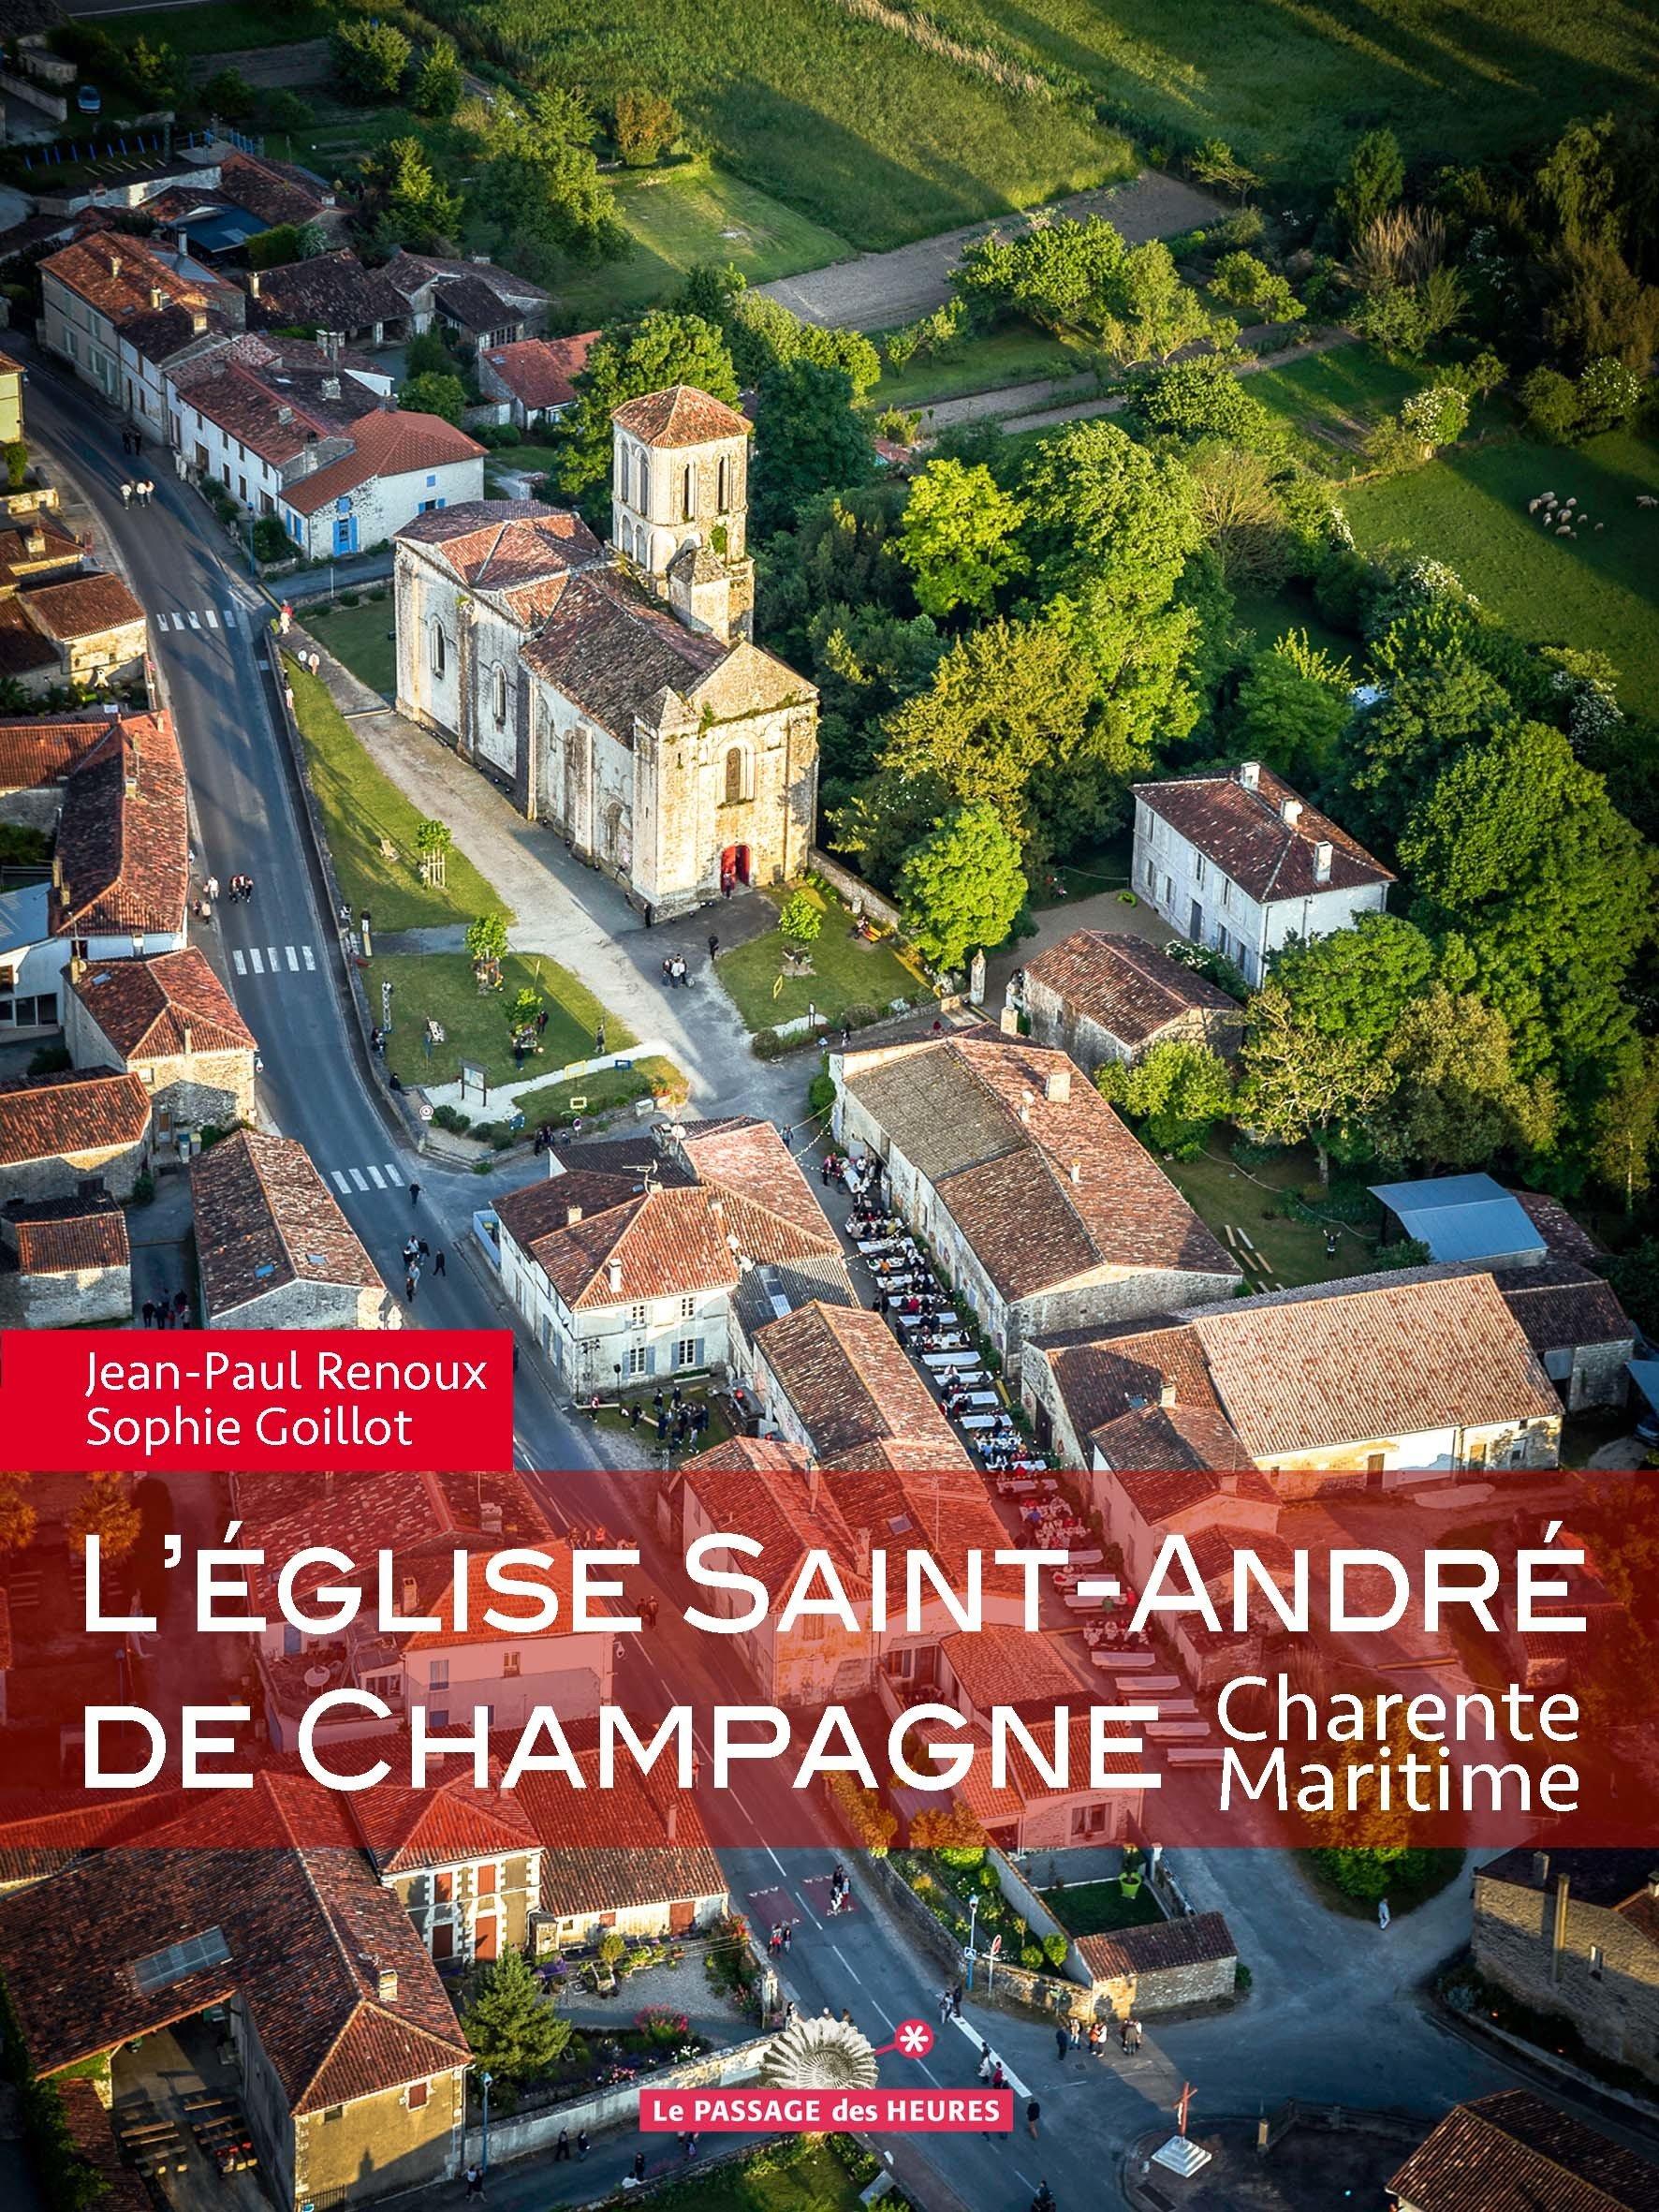 L'église Saint-André de Champagne 0095